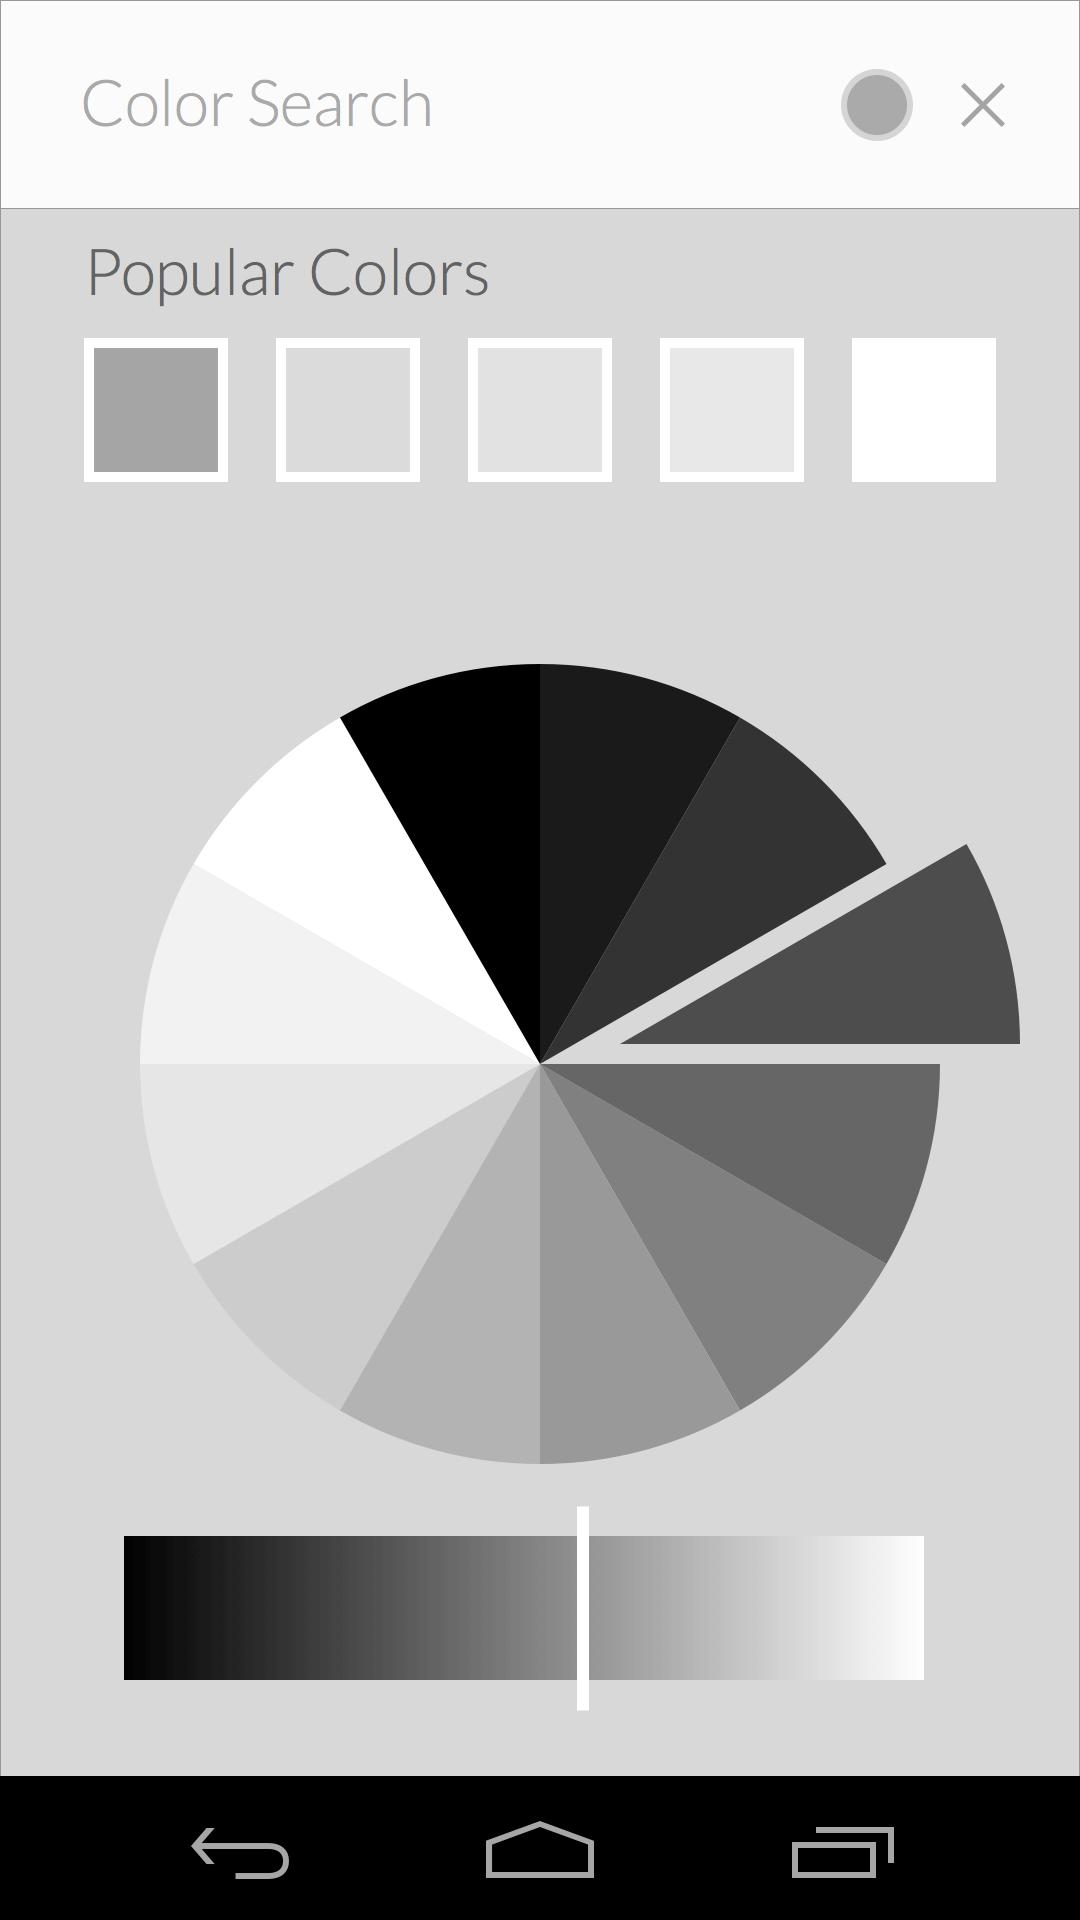 Unused color search